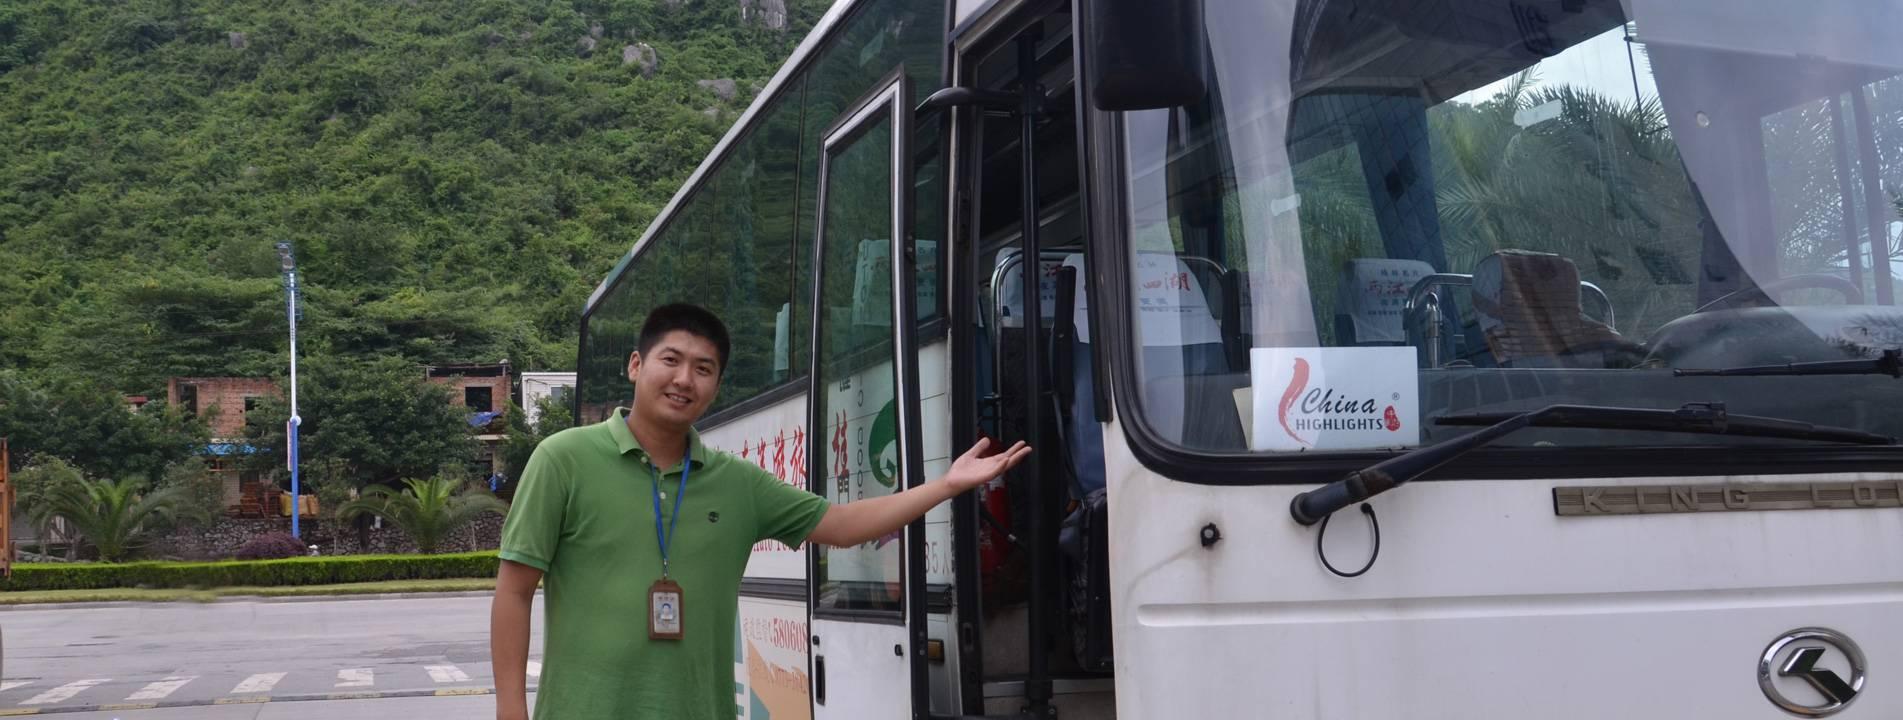 Tianjin Cruise Port to Beijing Transfer